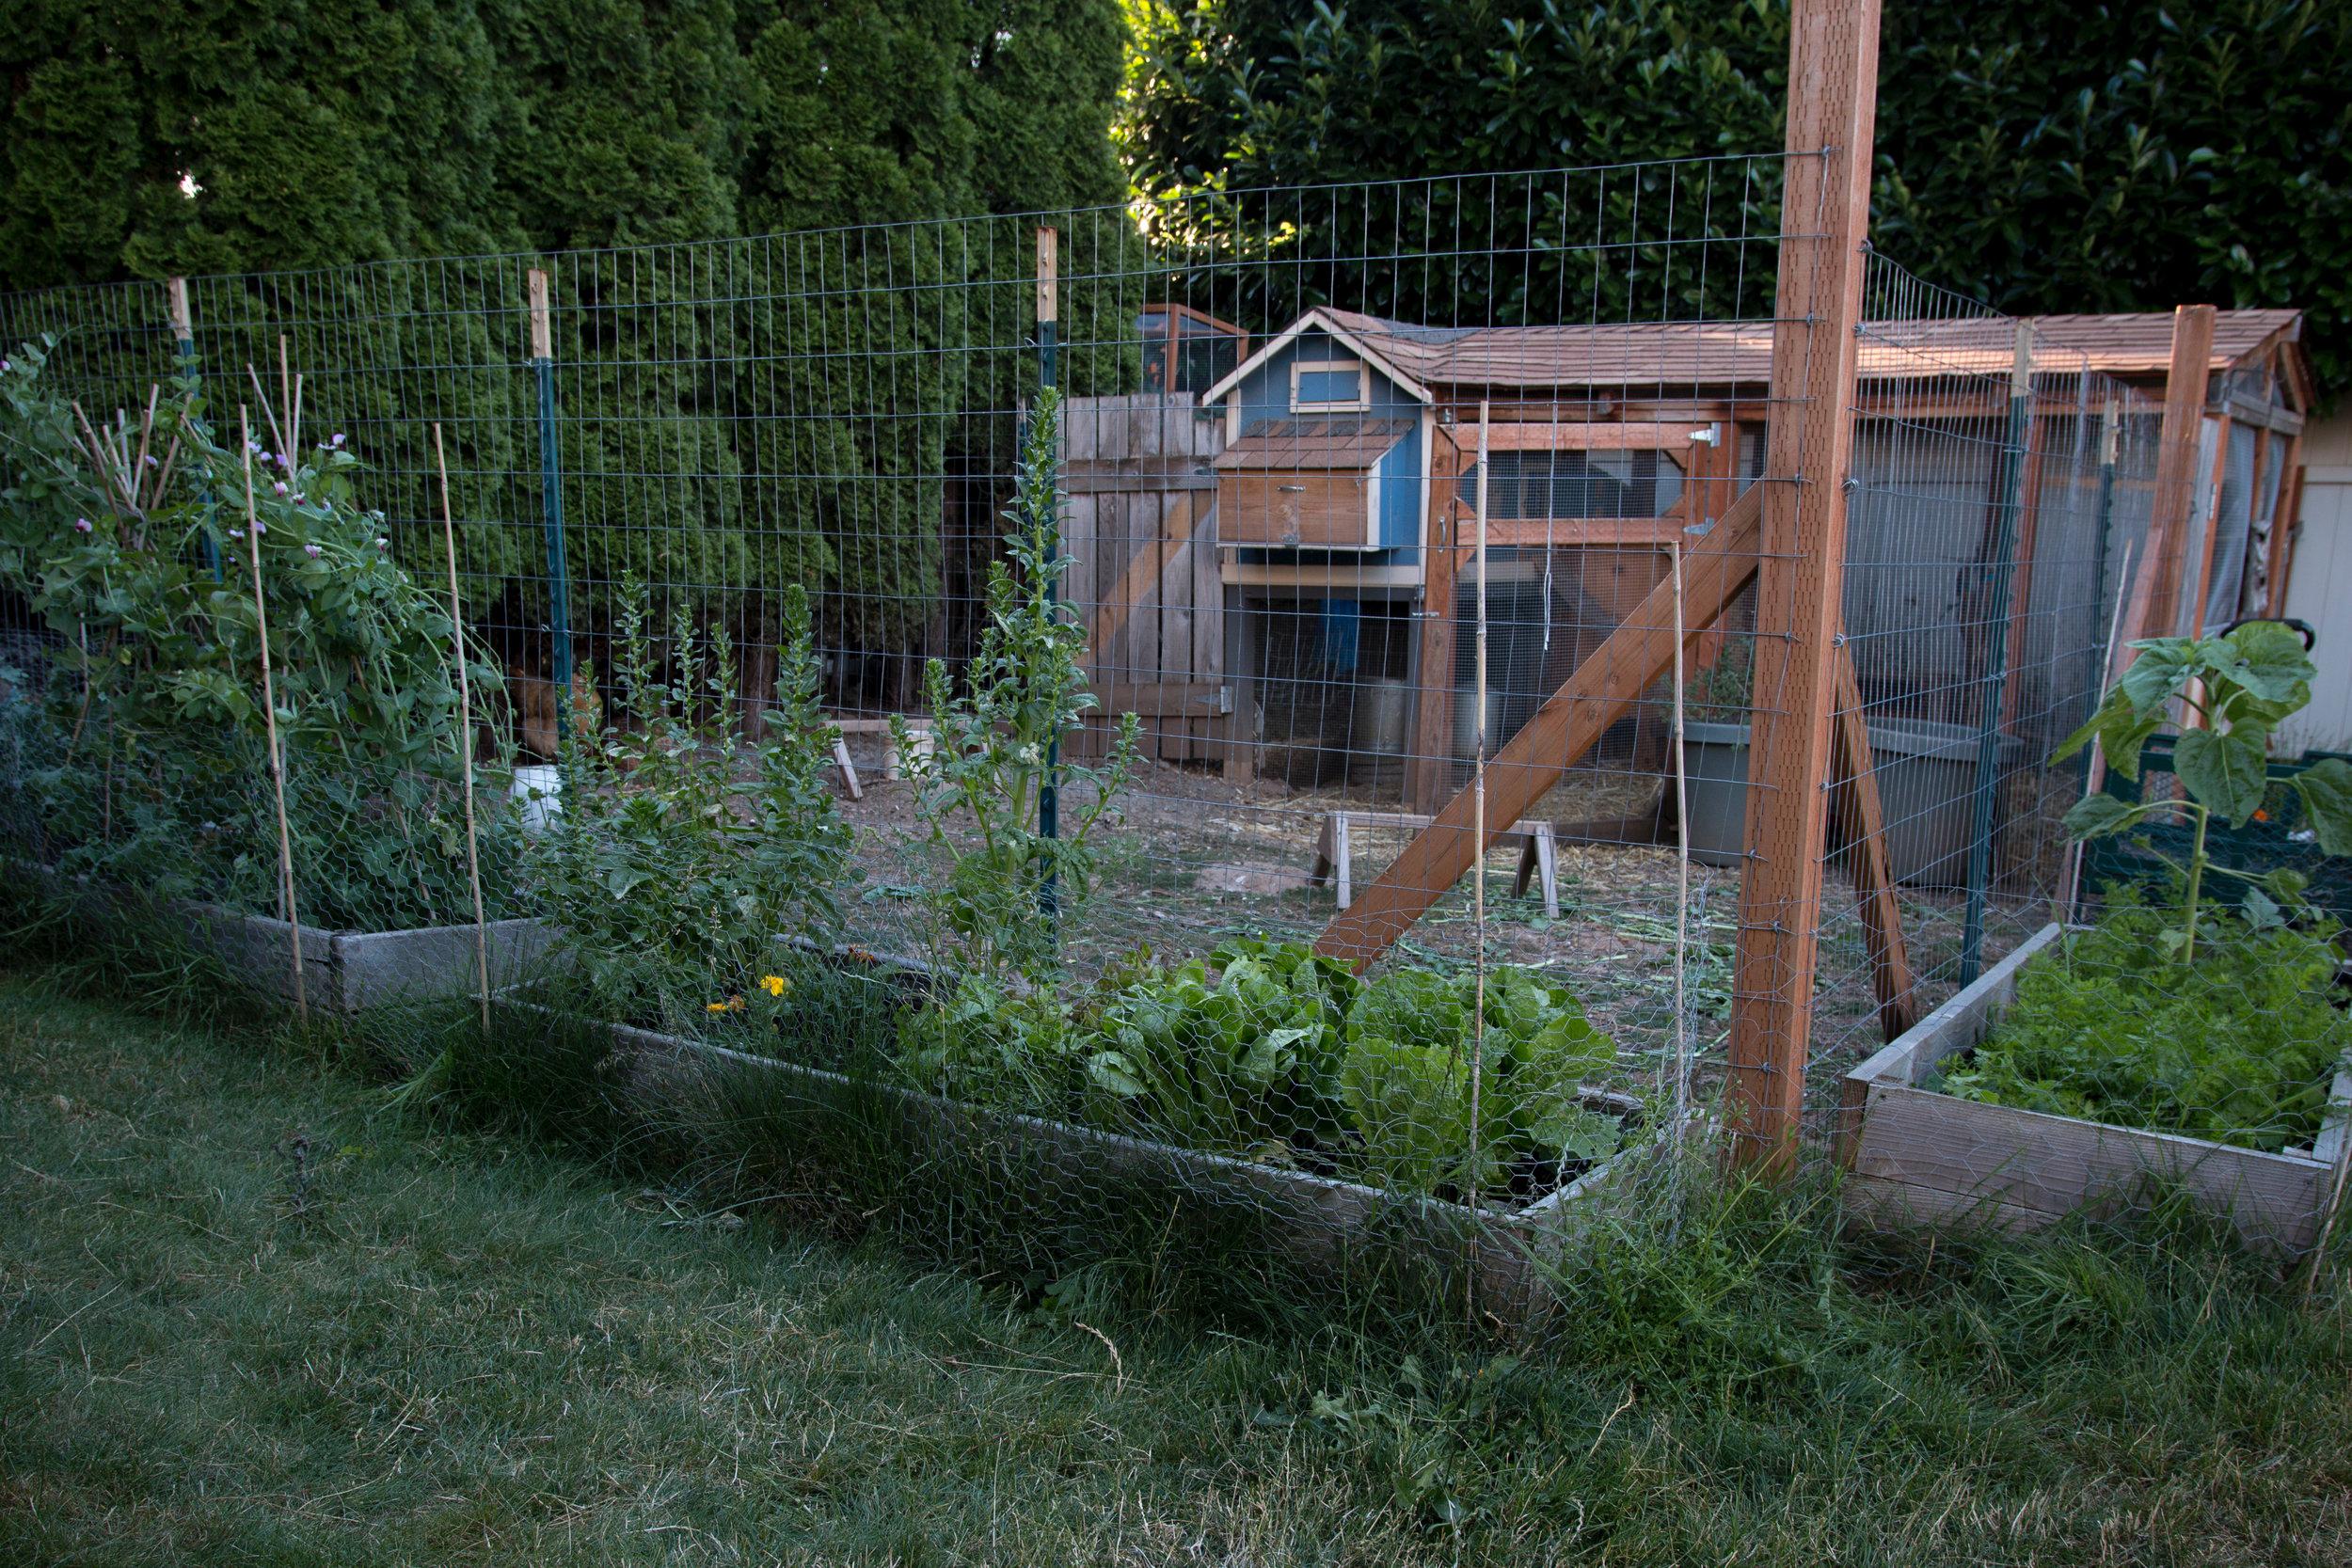 2018 garden